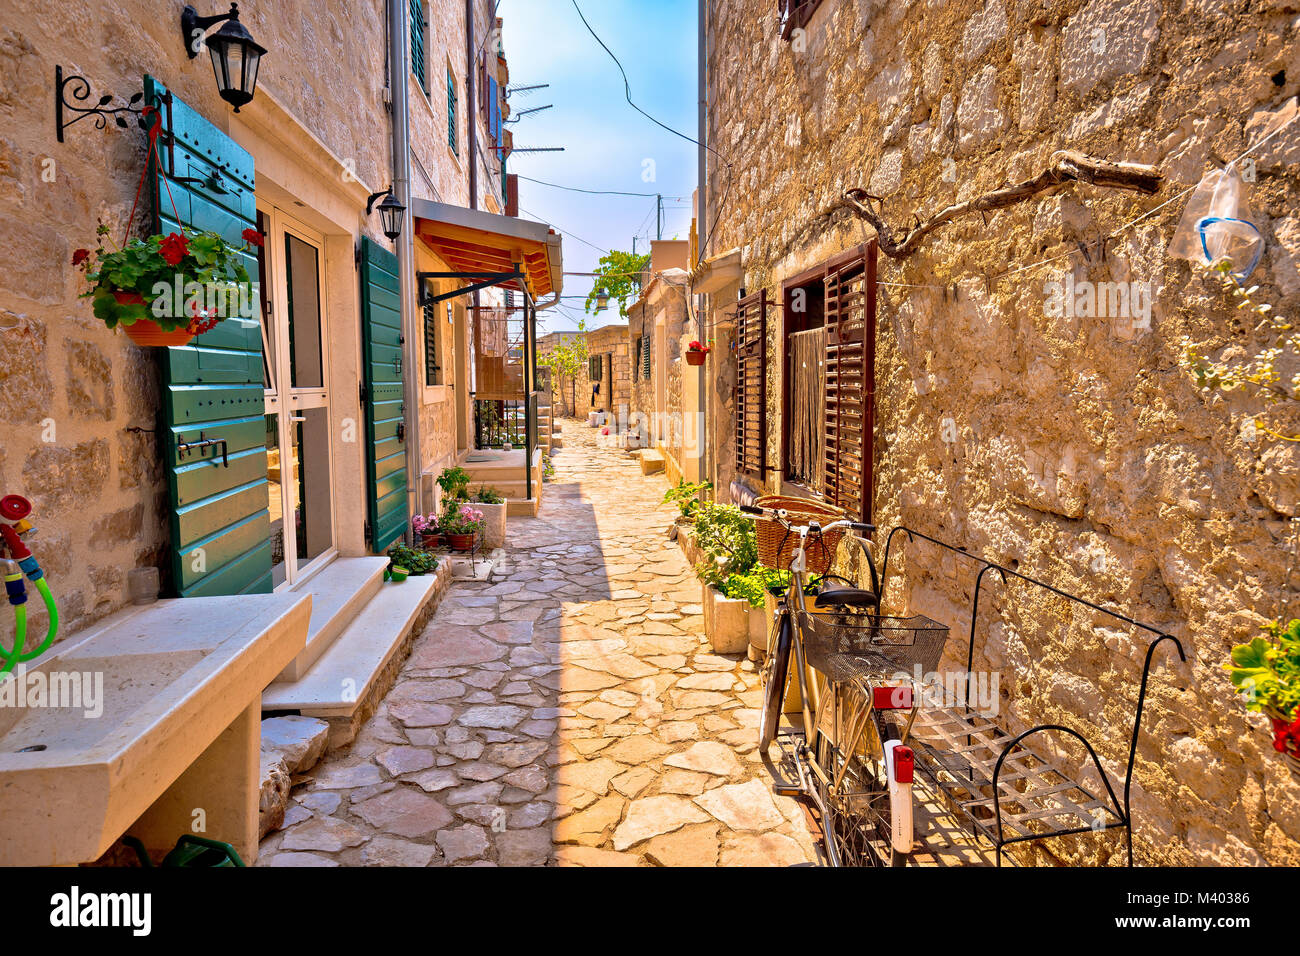 Rue Pierre méditerranéennes colorées de l'île de Prvic, l'archipel de Sibenik de Croatie Photo Stock